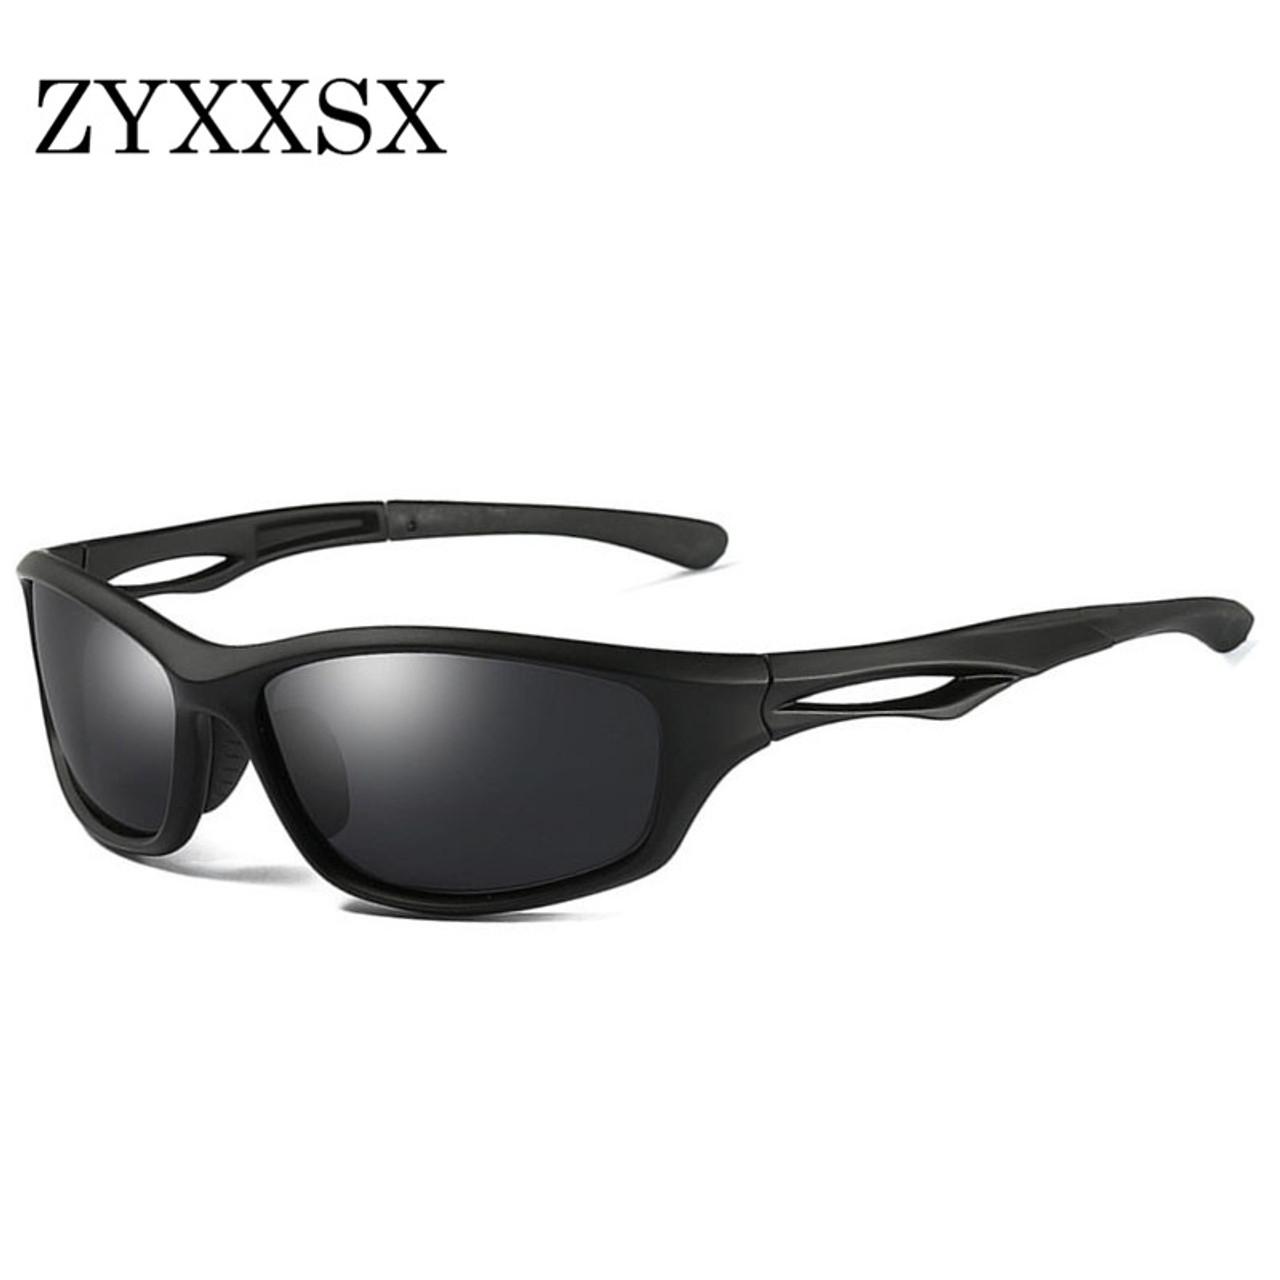 62cfa3d64810 ZYXXSX Sunglasses New TR90 Vintage Driving Goggles Sun Glasses Women Oculos  De Sol Masculino Glasses Polarized ...